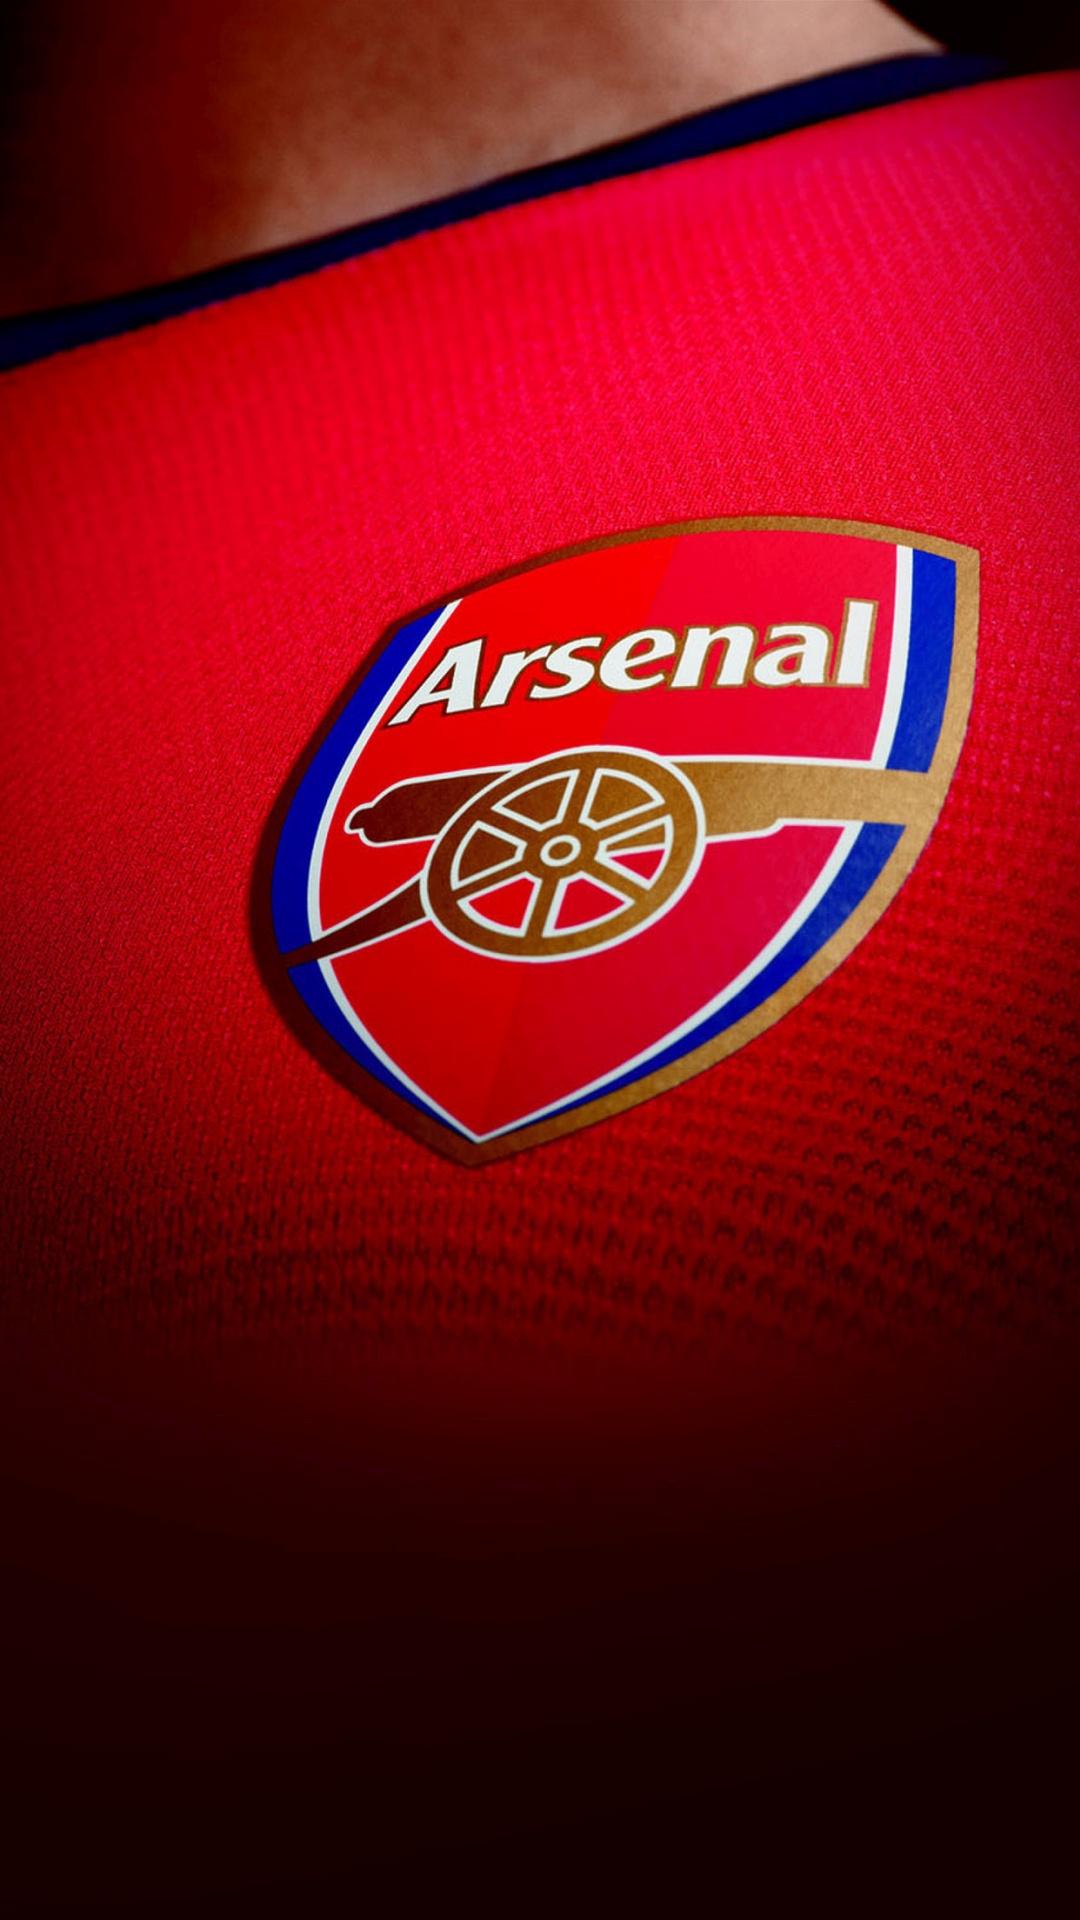 Wallpaper WallpaperSafari 4K - Arsenal